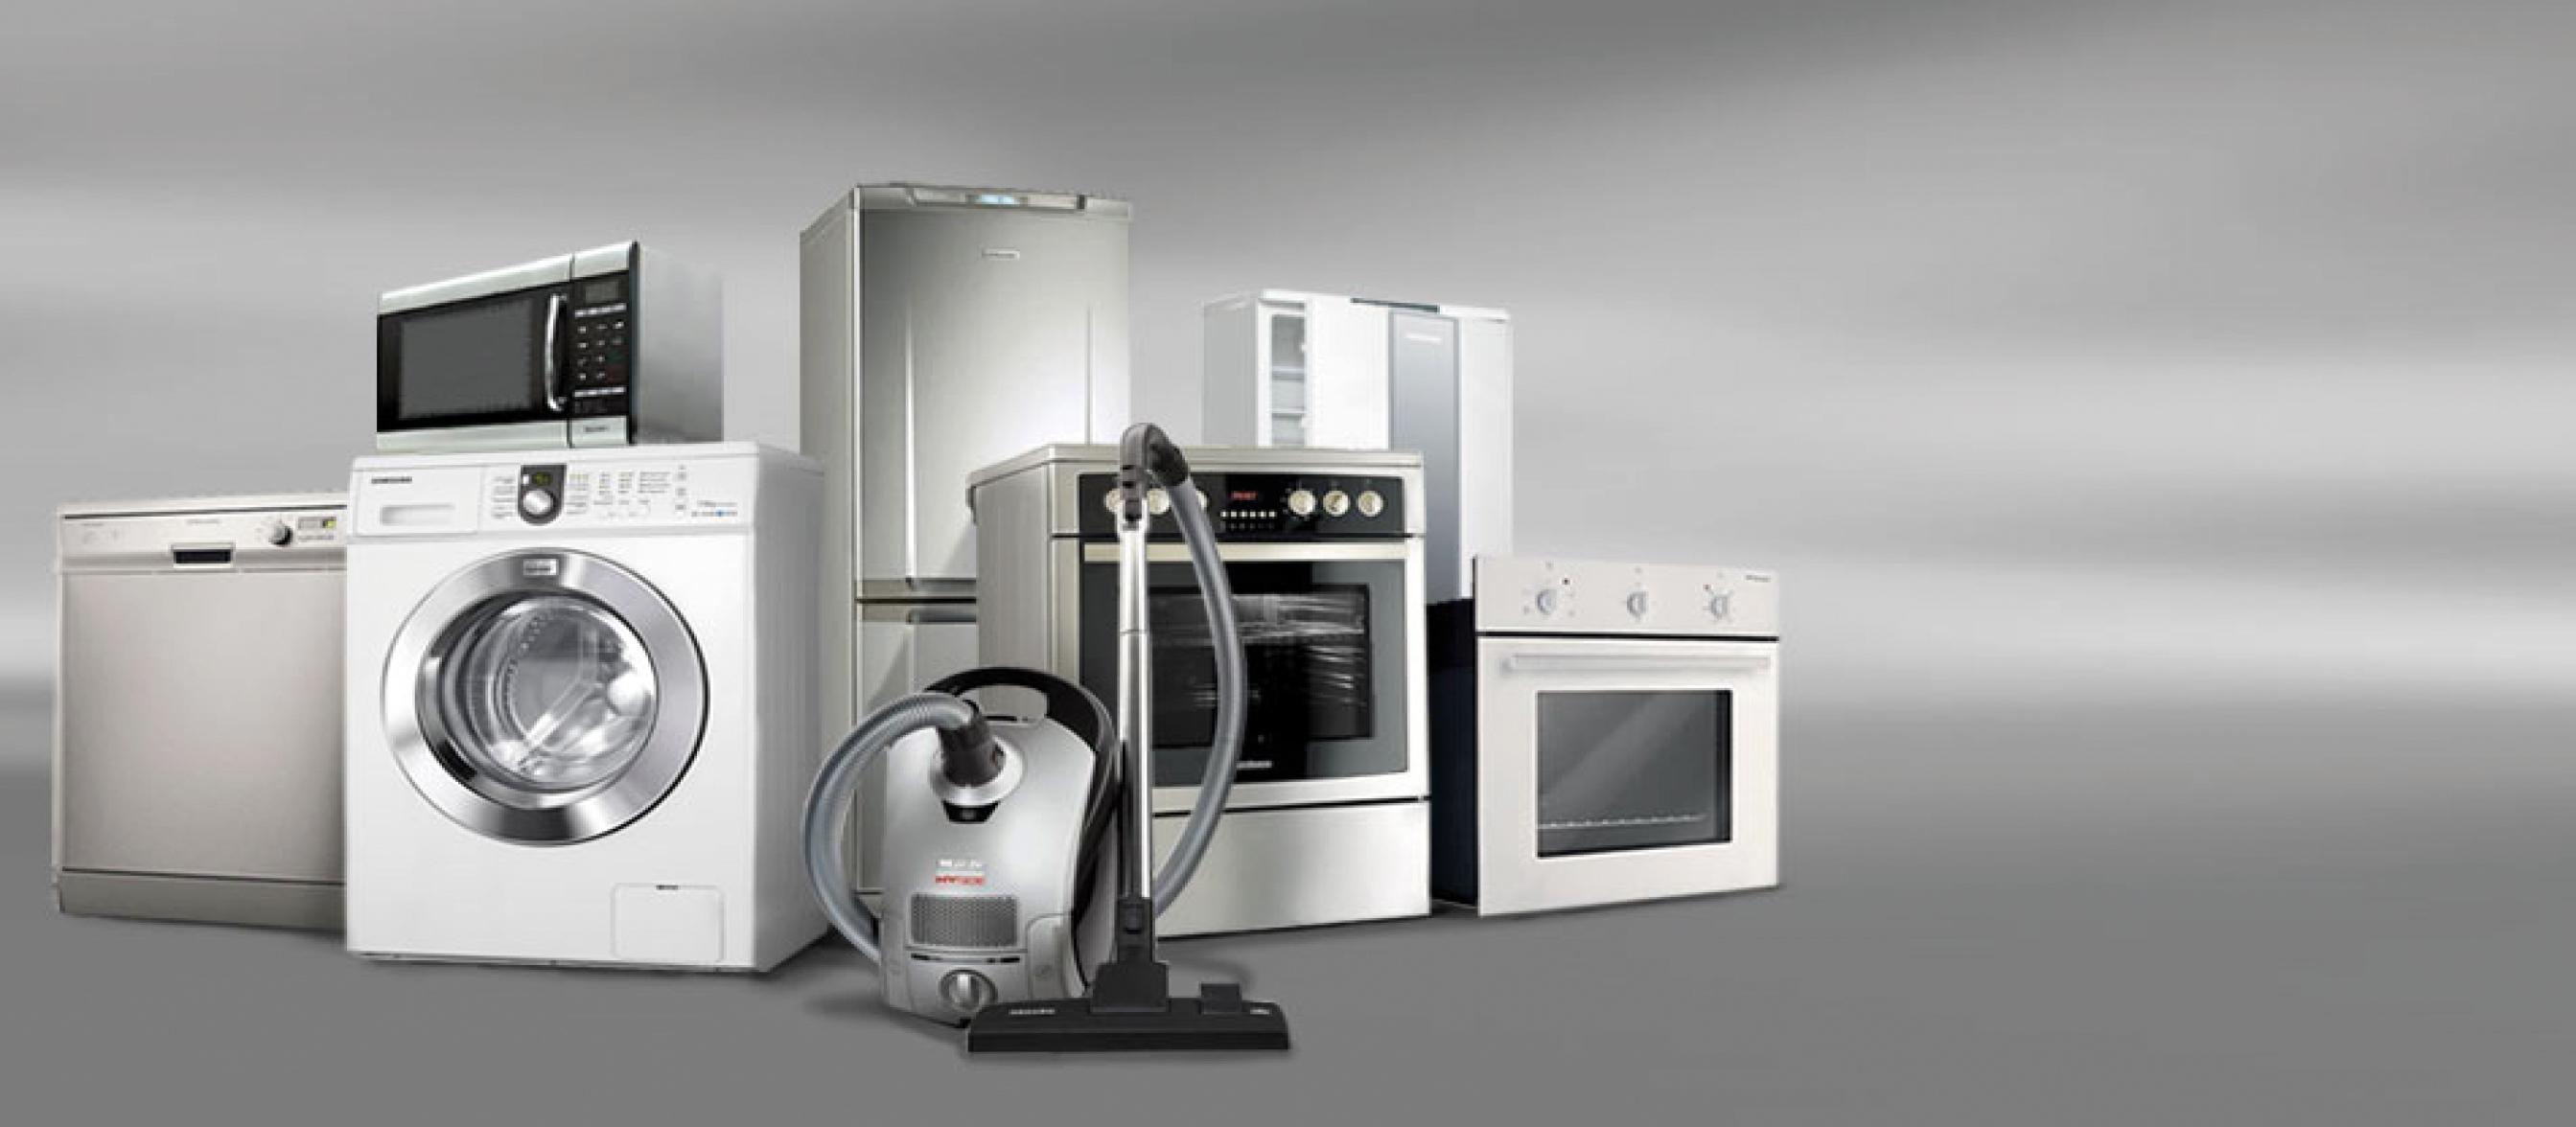 بالصور اجهزة منزلية , ادوات واجهزة كهربائية 1458 6